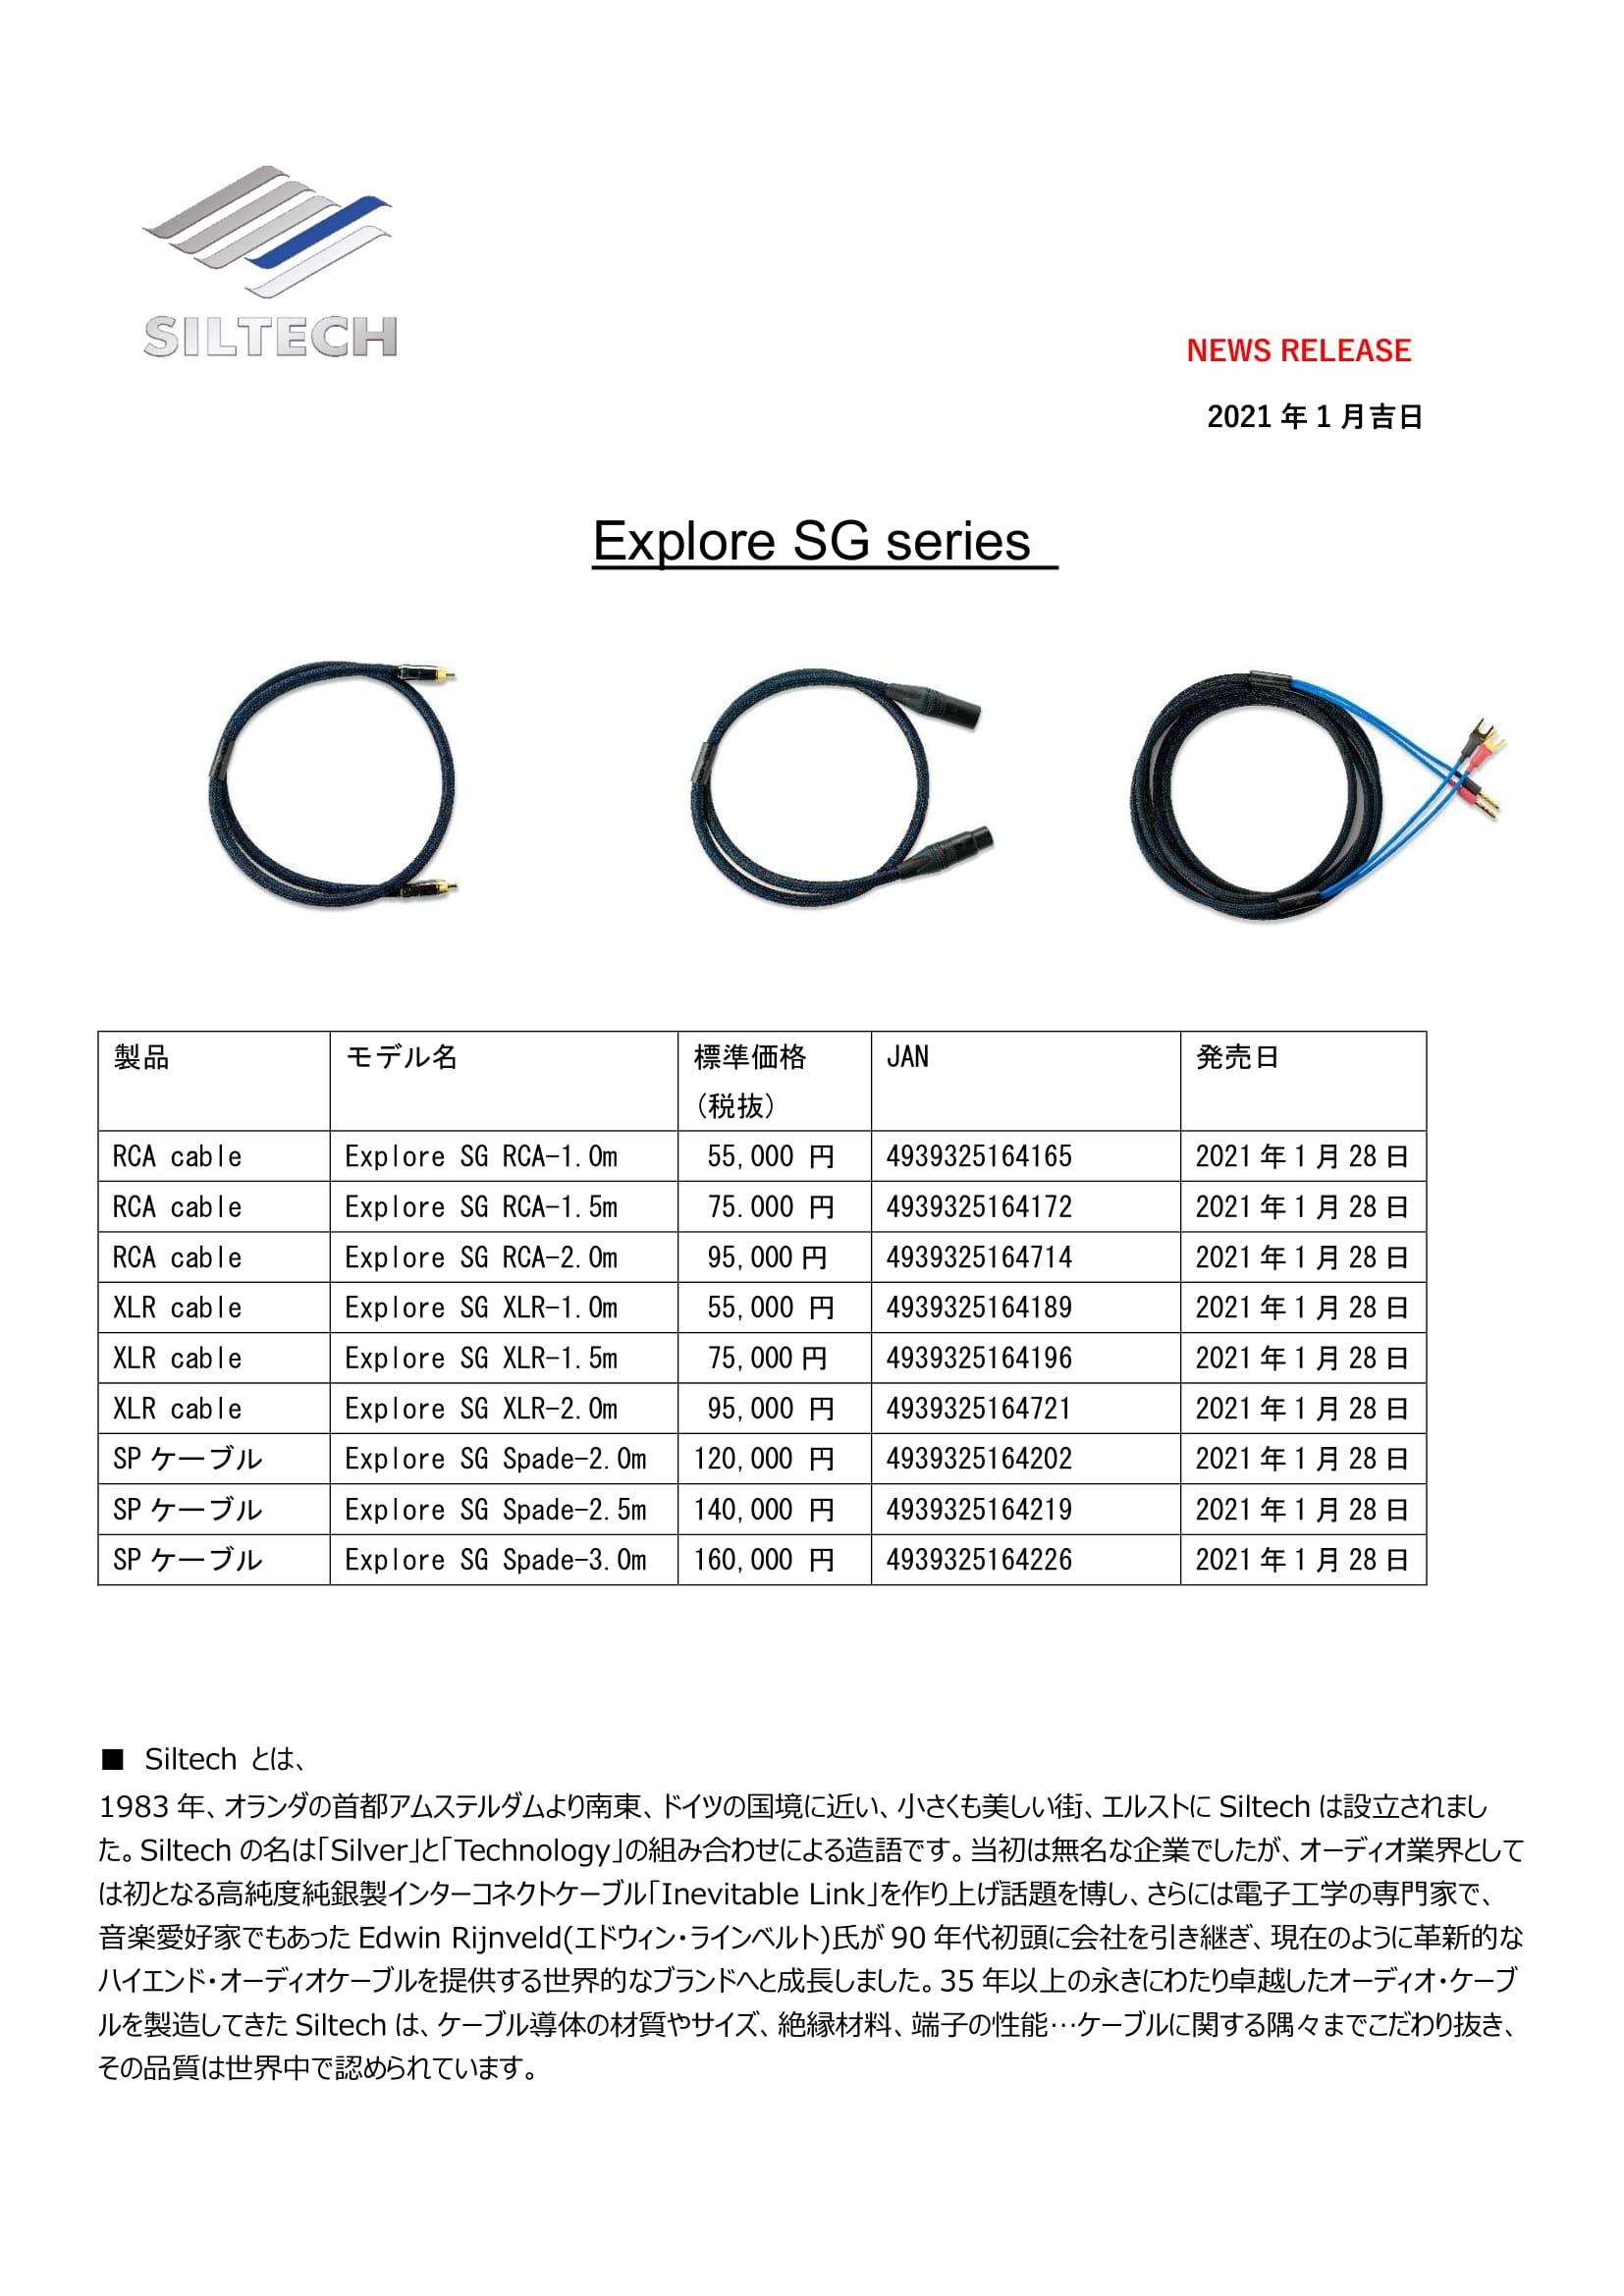 【Siltech】Explore SG_01192021-1